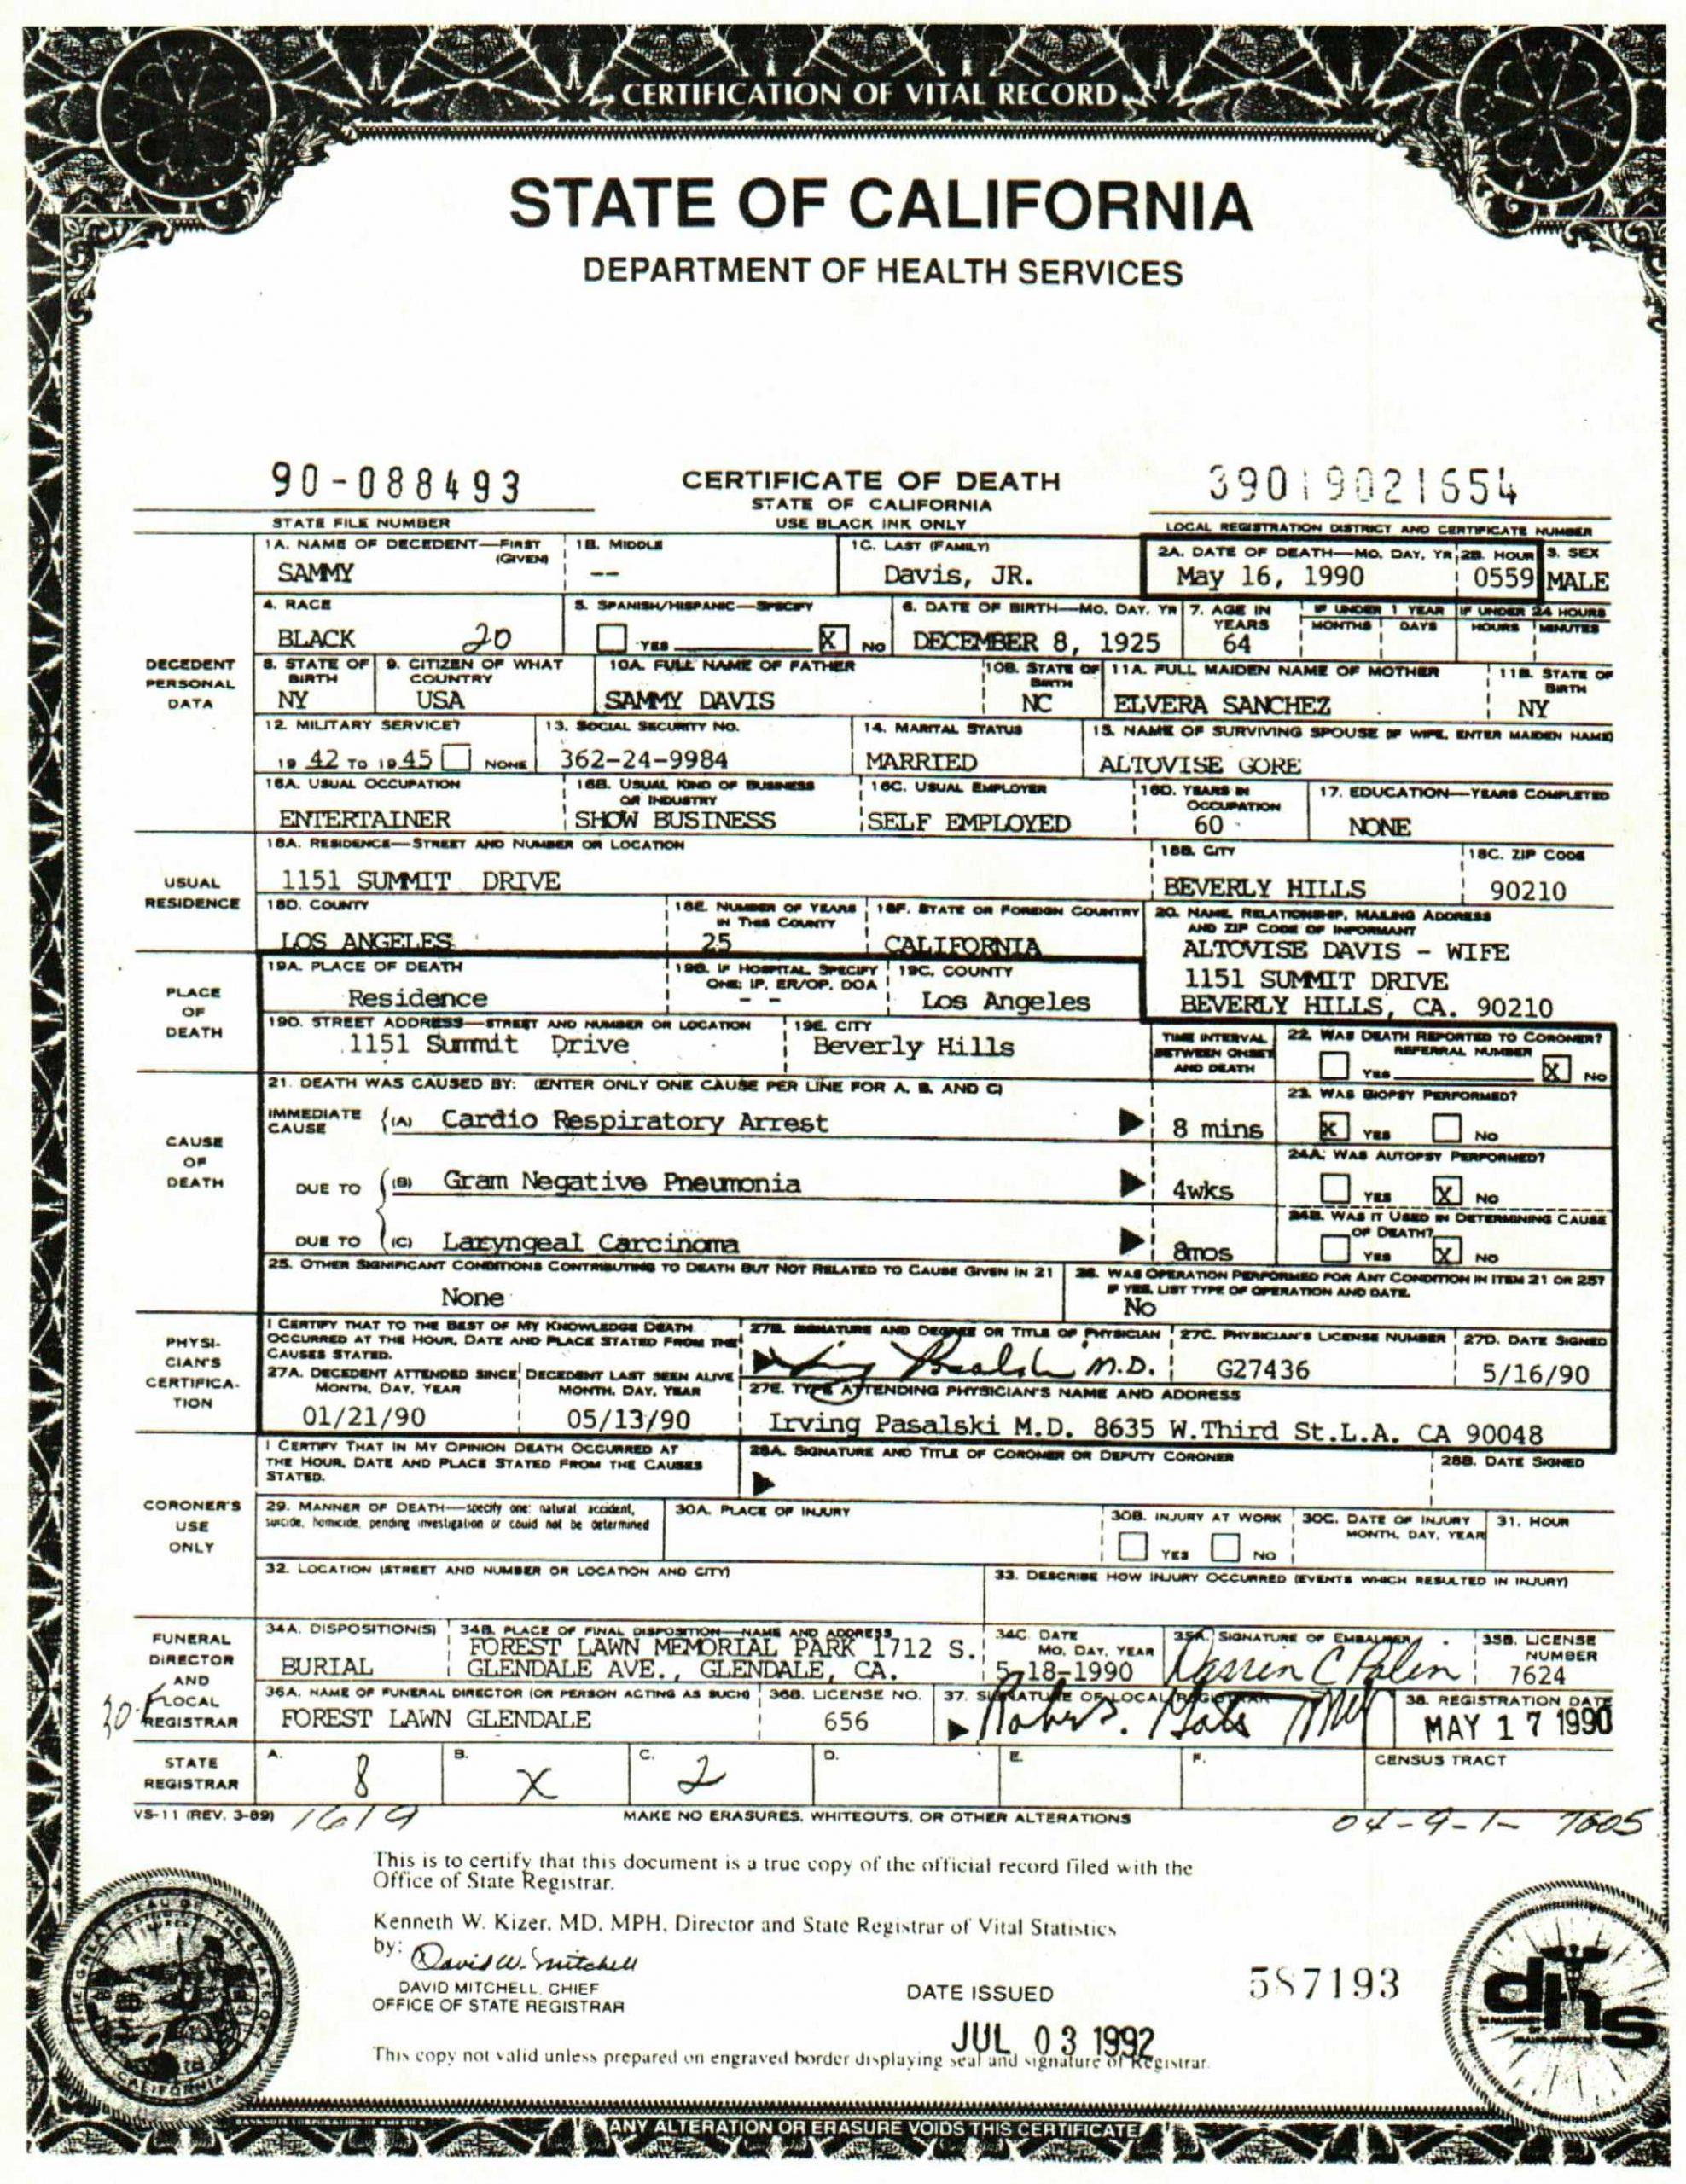 Sammy Davis Jr. Death Certificate